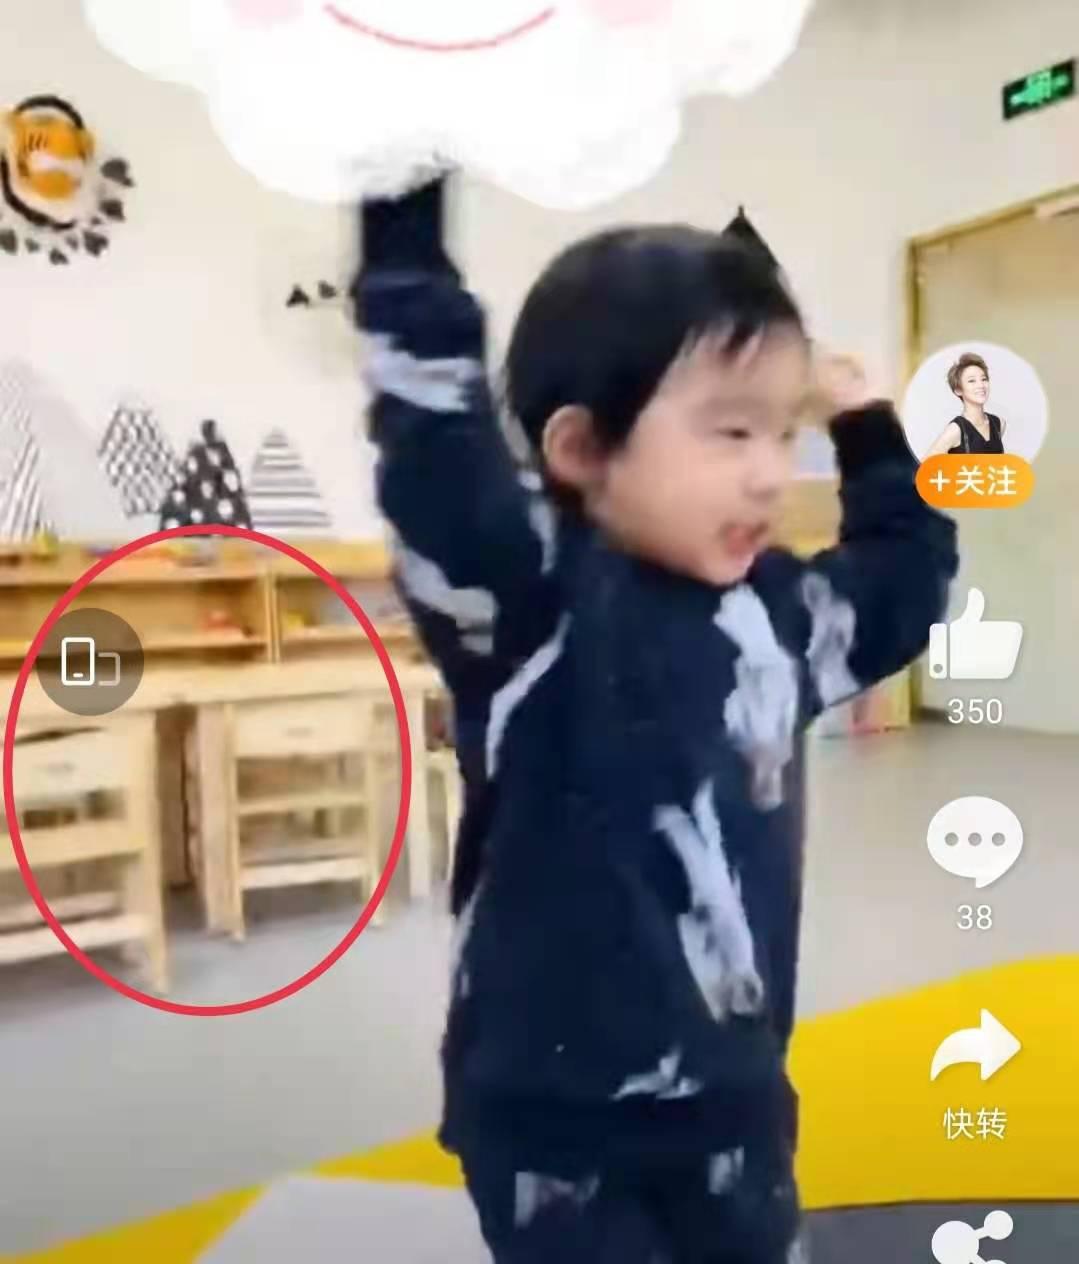 谢楠晒3岁儿子视频,大跳吴京最讨厌的男团舞,被嘲颜值不如亲哥